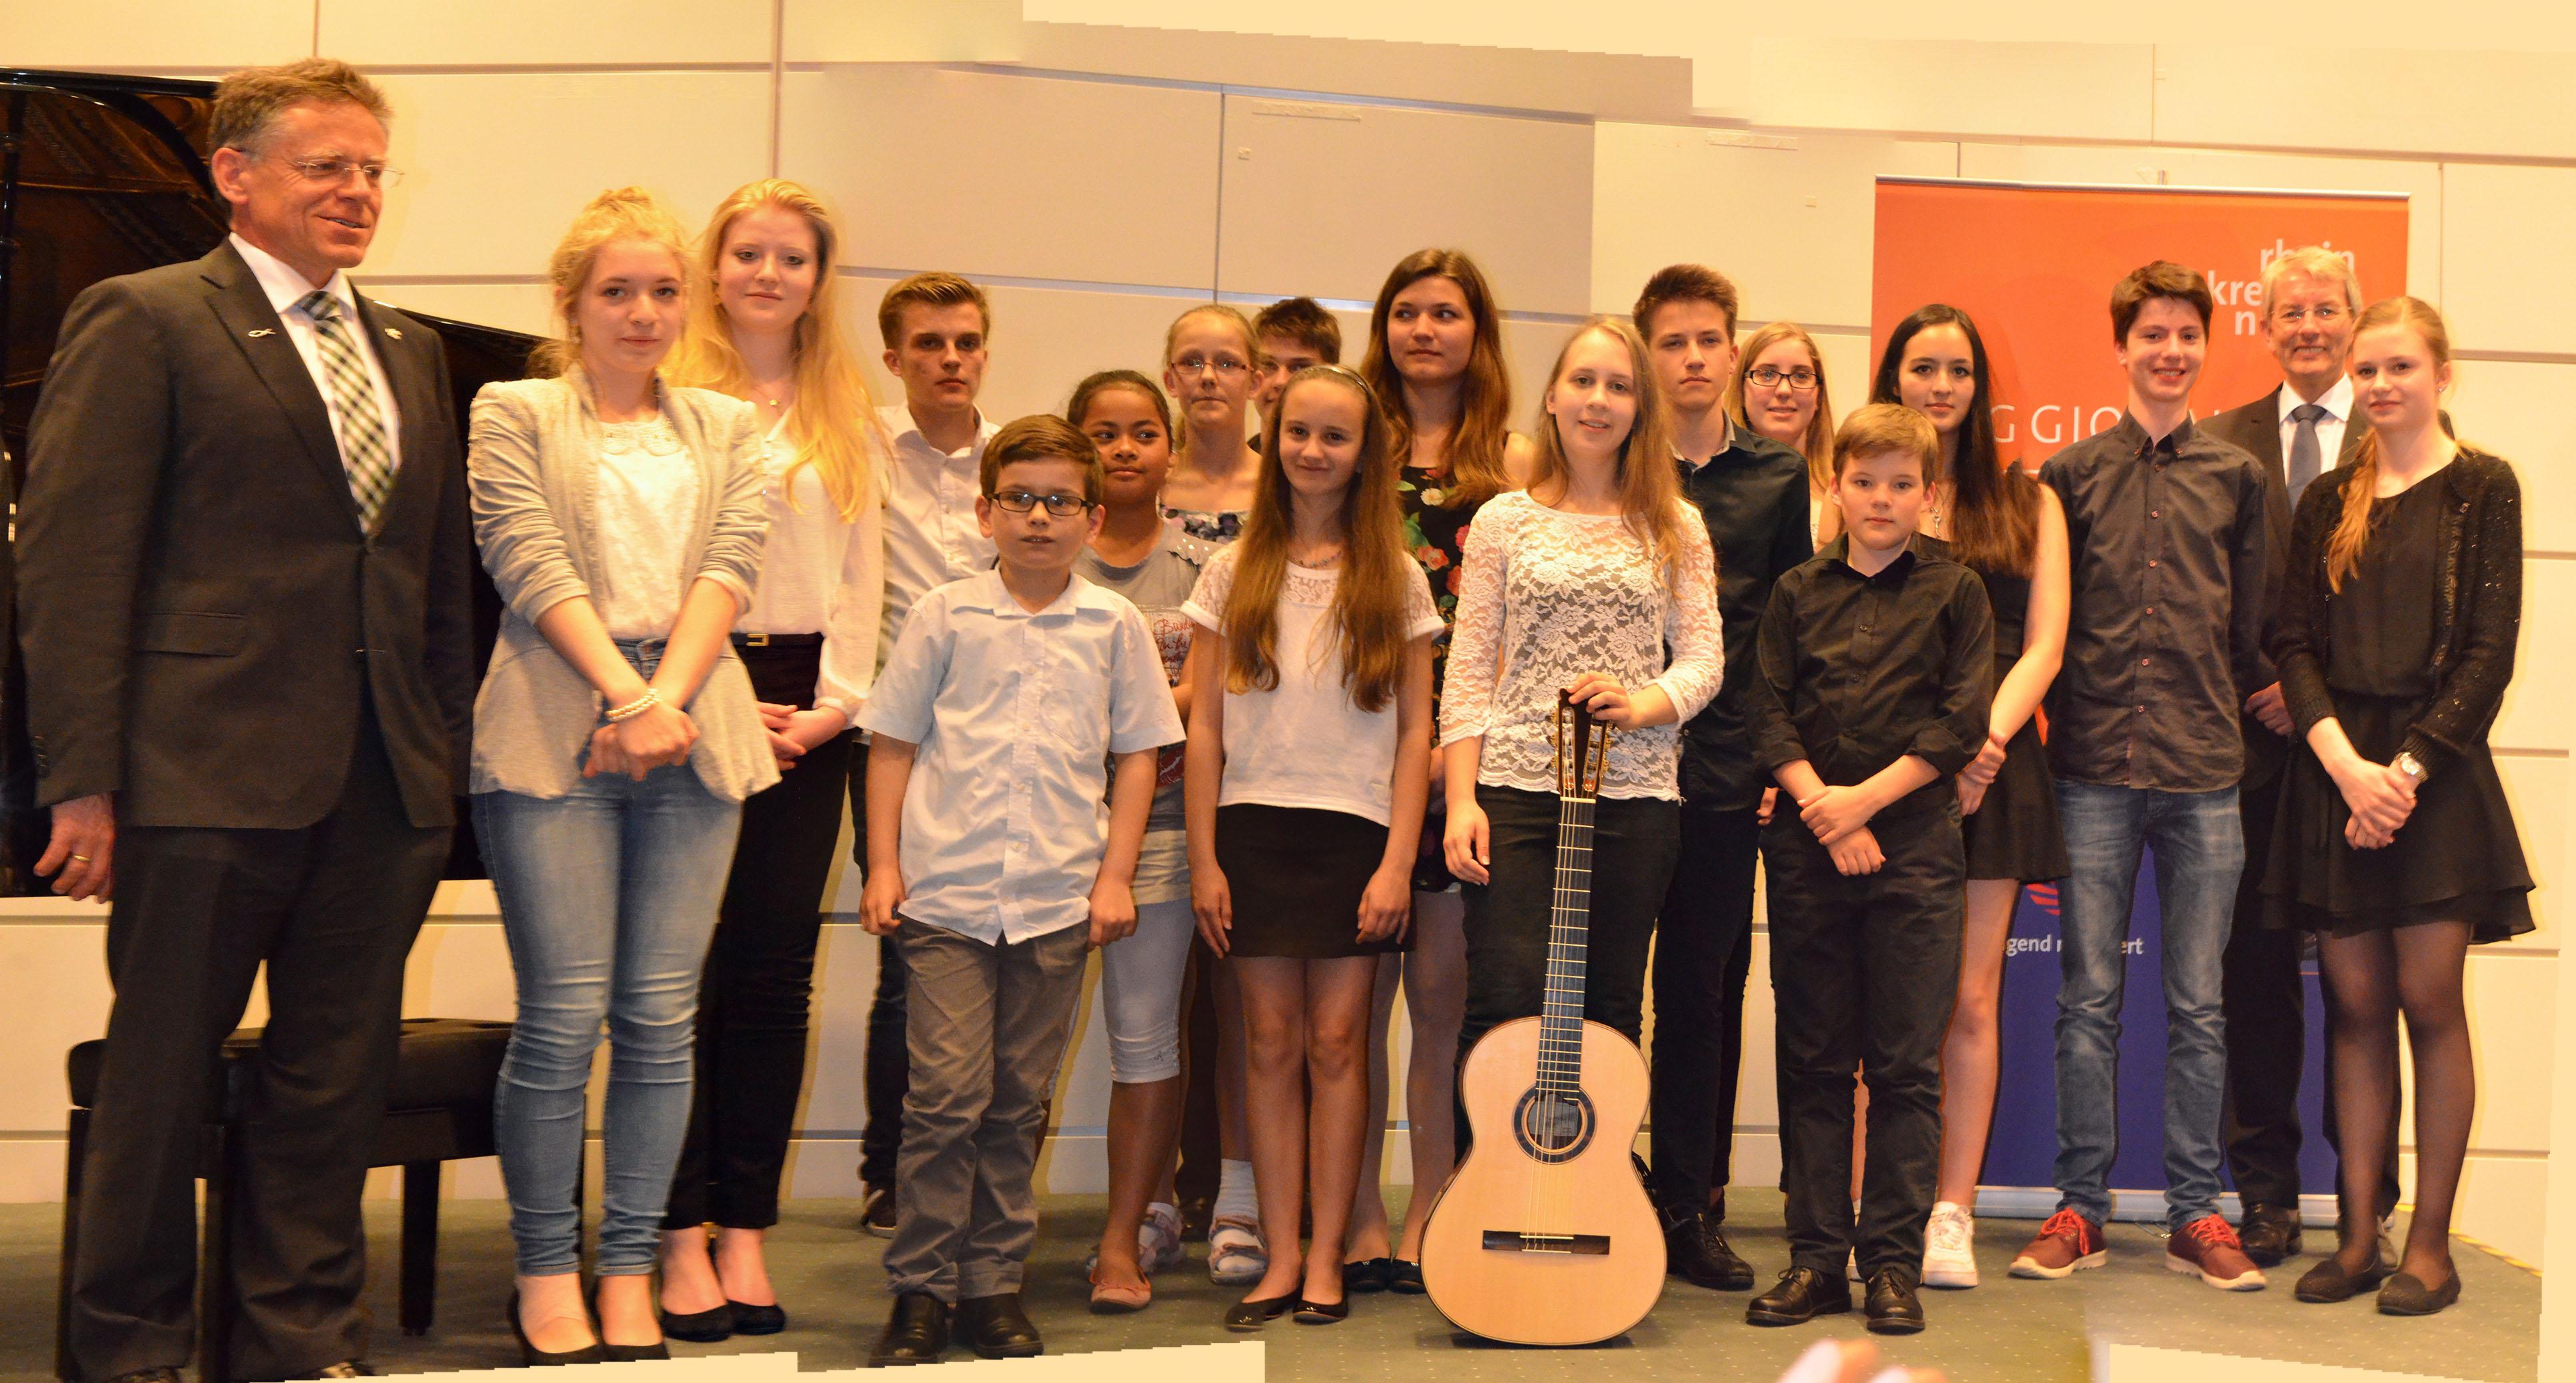 """Preisträgerinnen und Preisträger des Landeswettbewerbs """"Jugend musiziert"""" gaben jetzt in Neuss ein anspruchsvolles Konzert (Foto: P. Seidler)"""